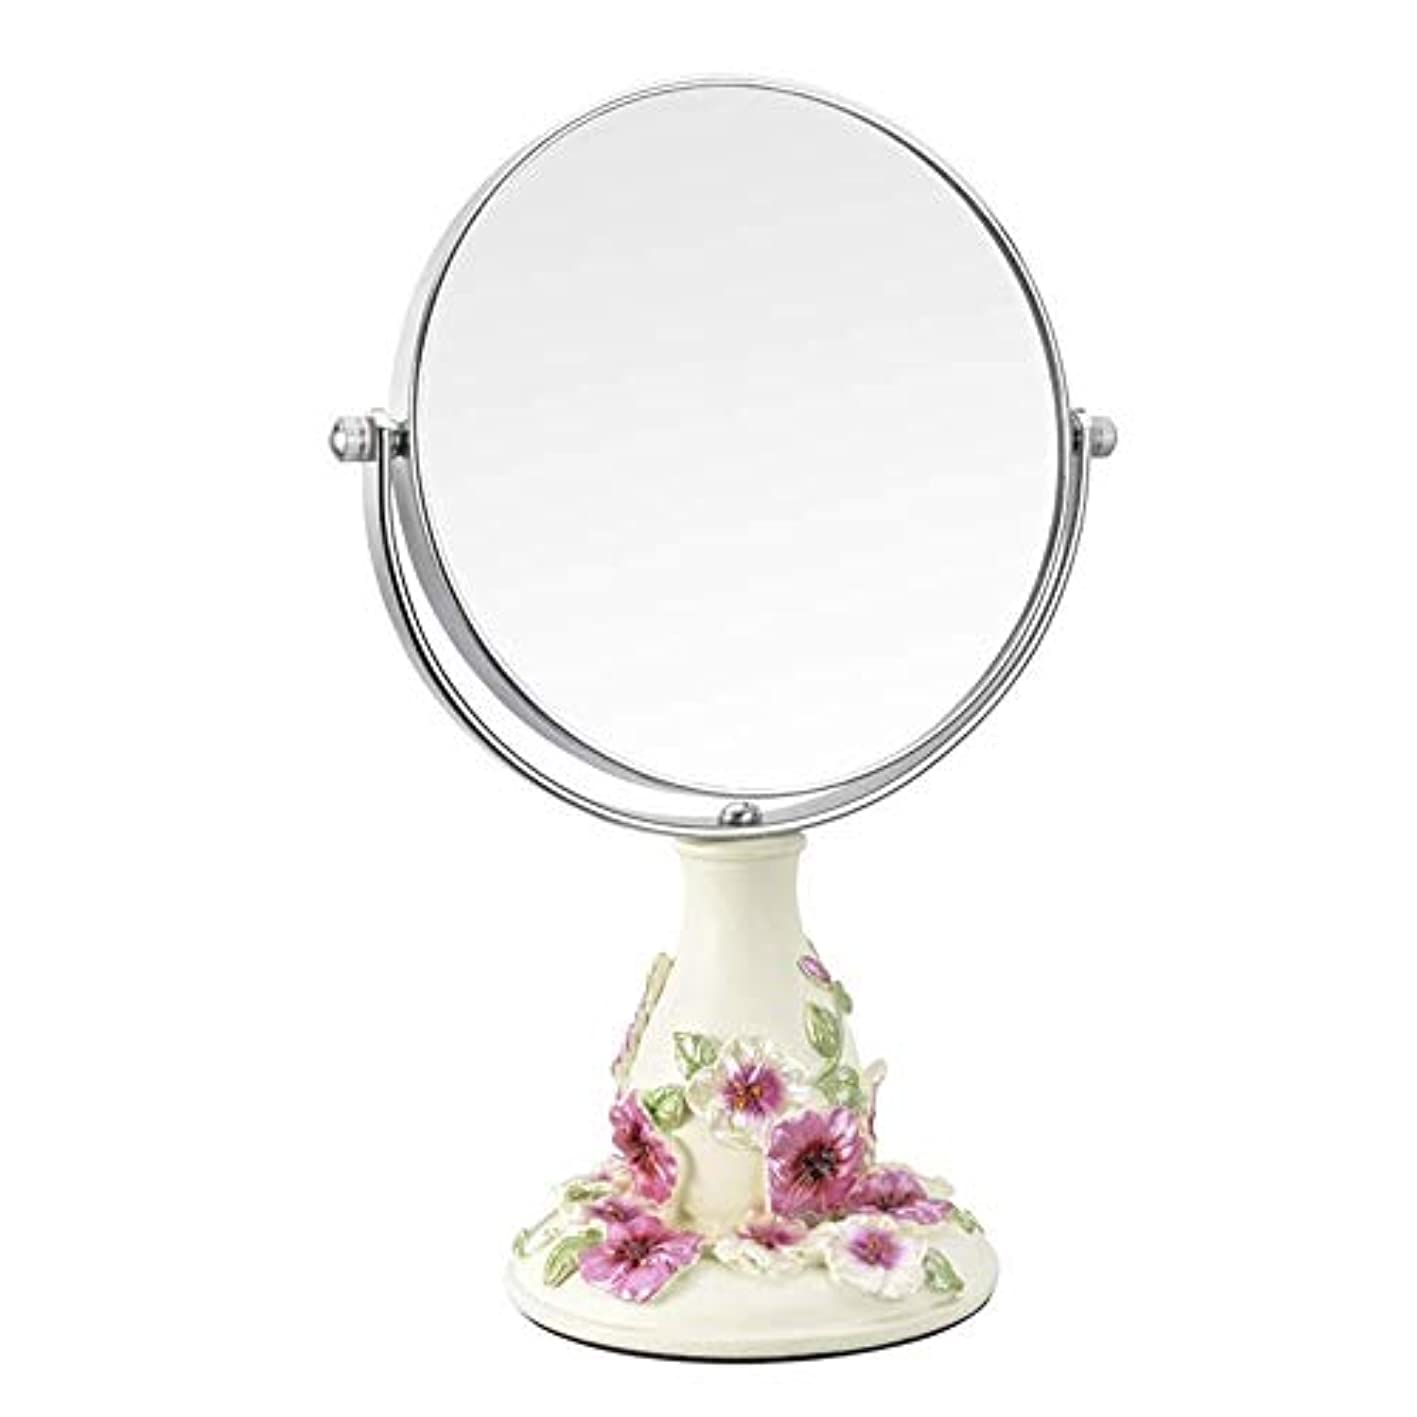 パラシュート気楽な実質的に流行の ビンテージ化粧鏡、鏡360°回転スタンド、1倍と3倍の倍率、ラウンドダブル両面回転化粧鏡